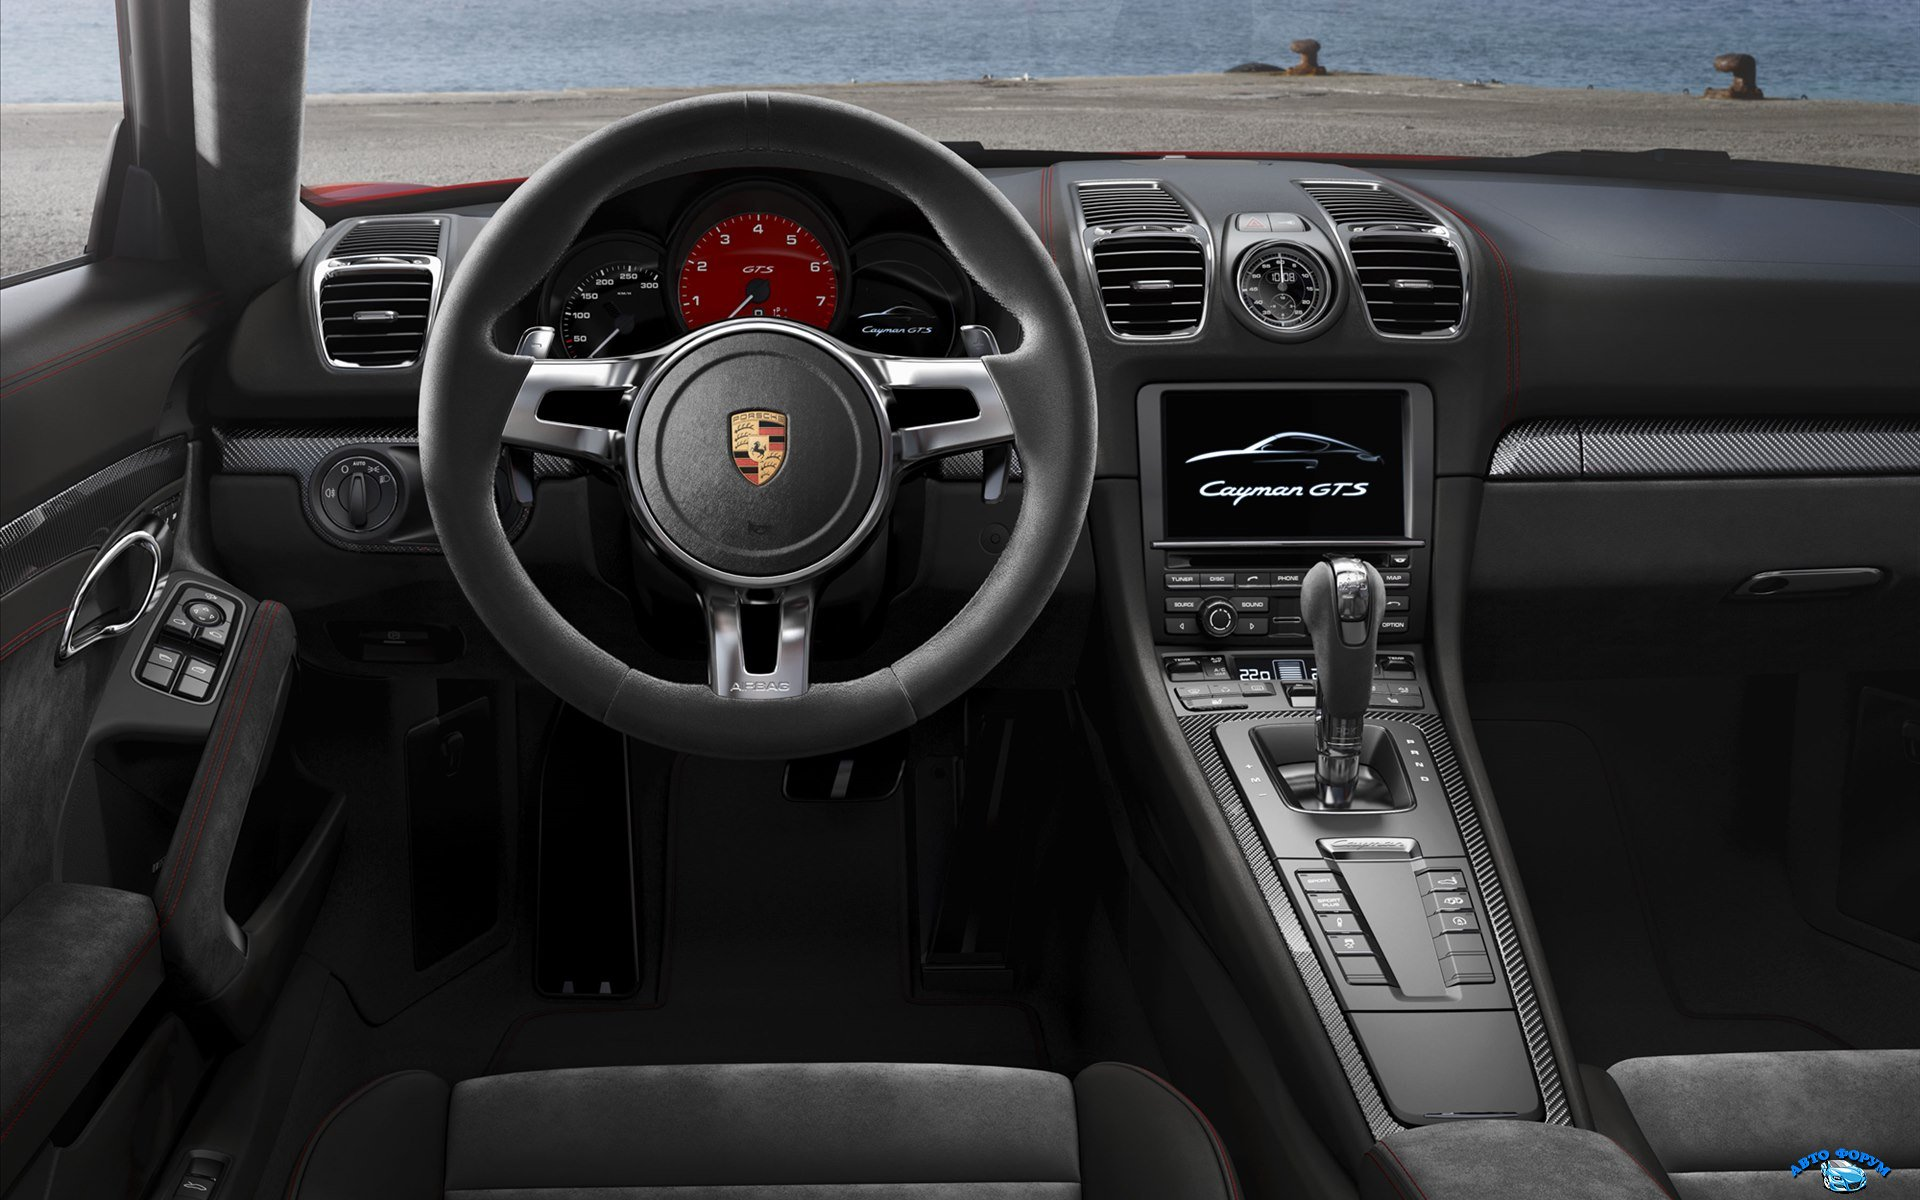 Porsche-Cayman-GTS-2015-widescreen-02.jpg